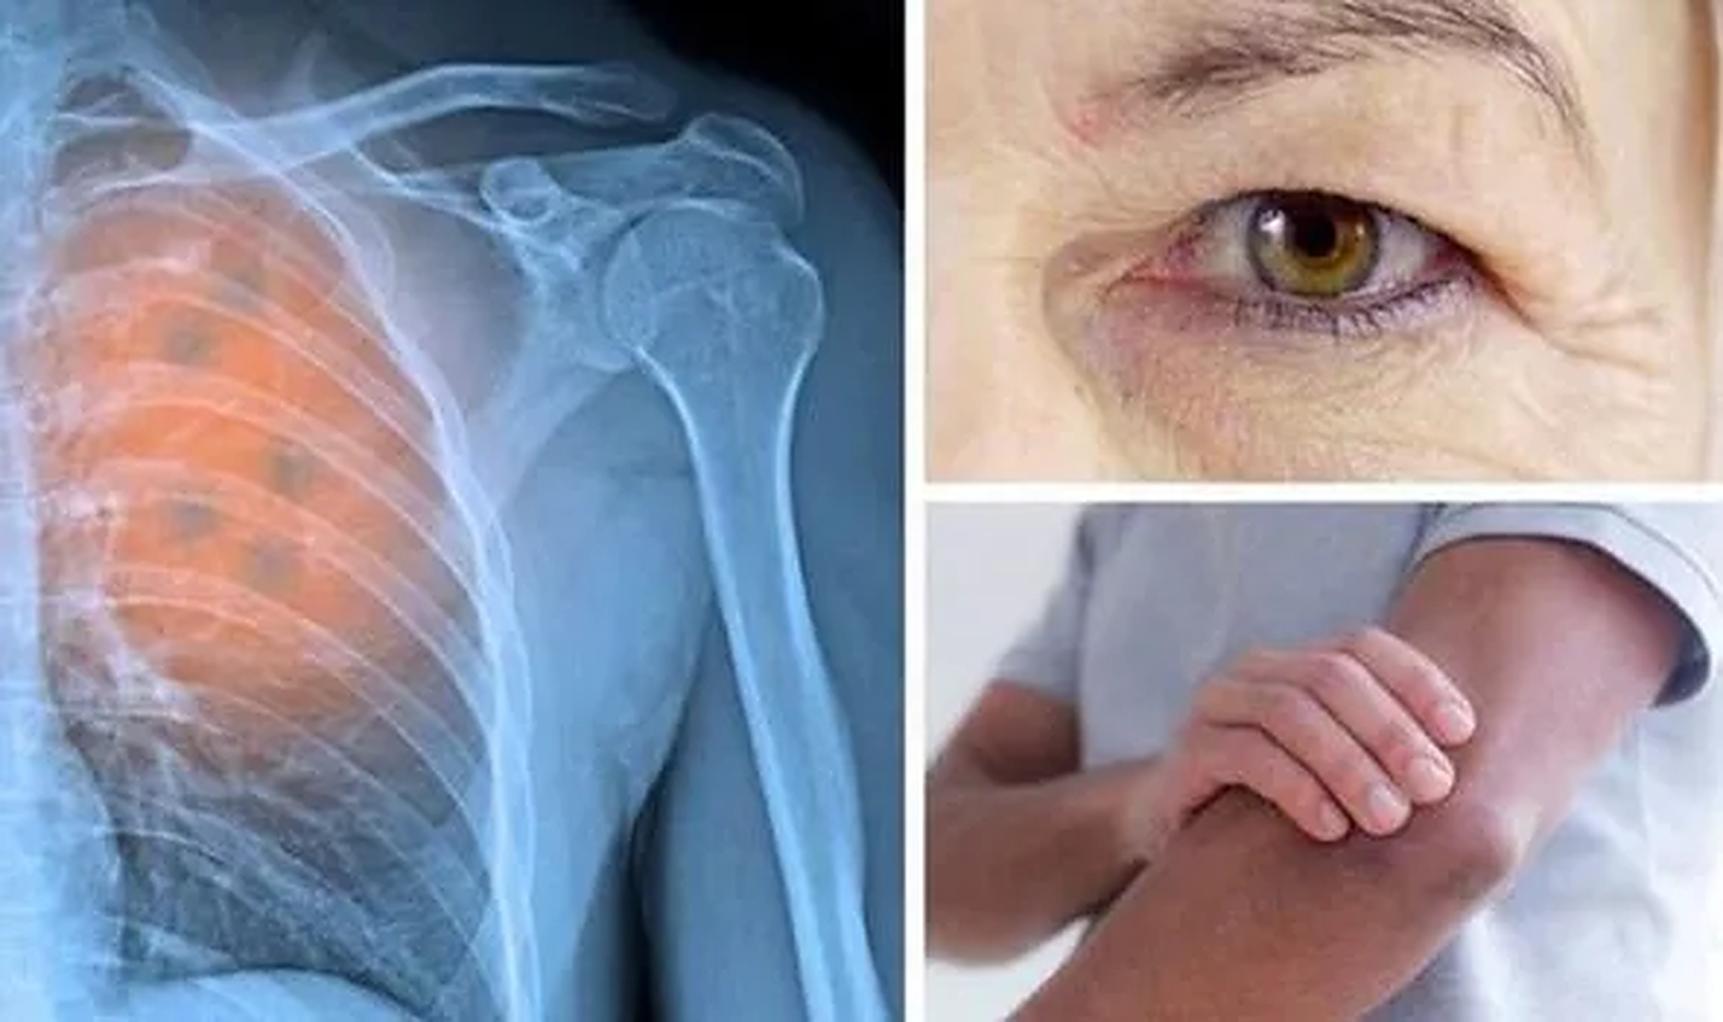 Cancerul pulmonar: Cinci semne și simptome surprinzătoare pe care nu trebuie să le ignorați niciodată